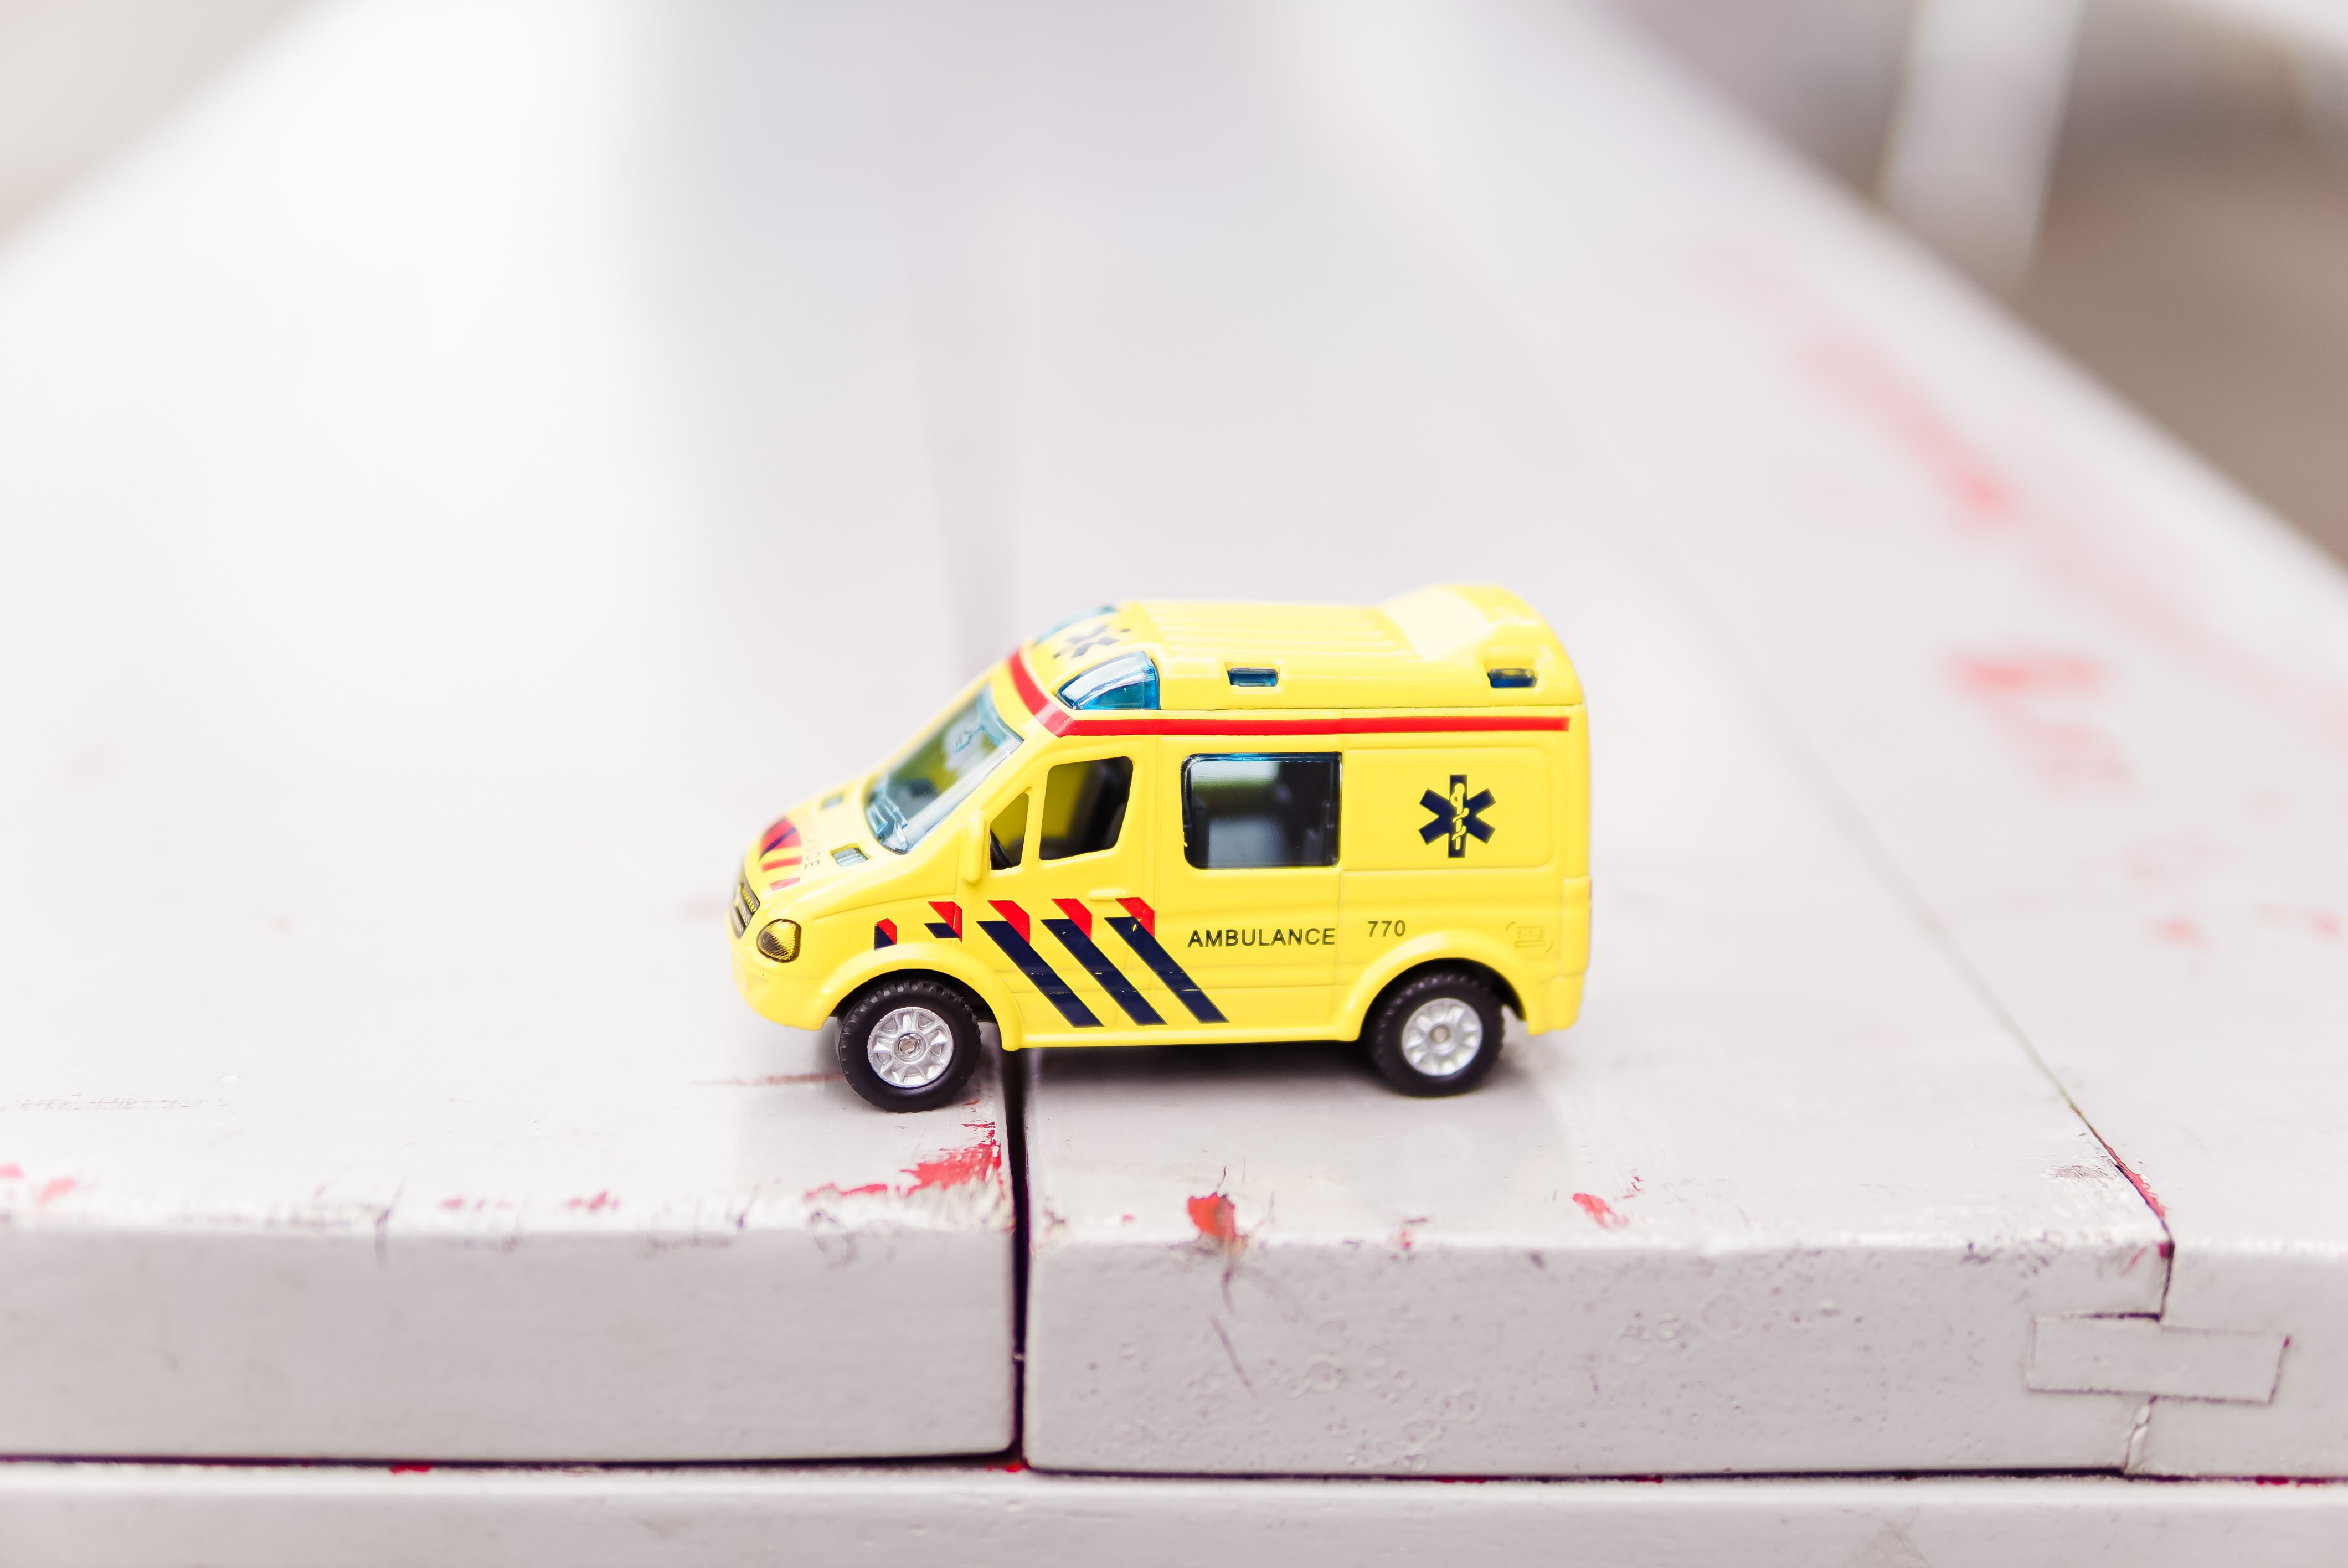 Woran denken beim Krankenhausaufenthalt